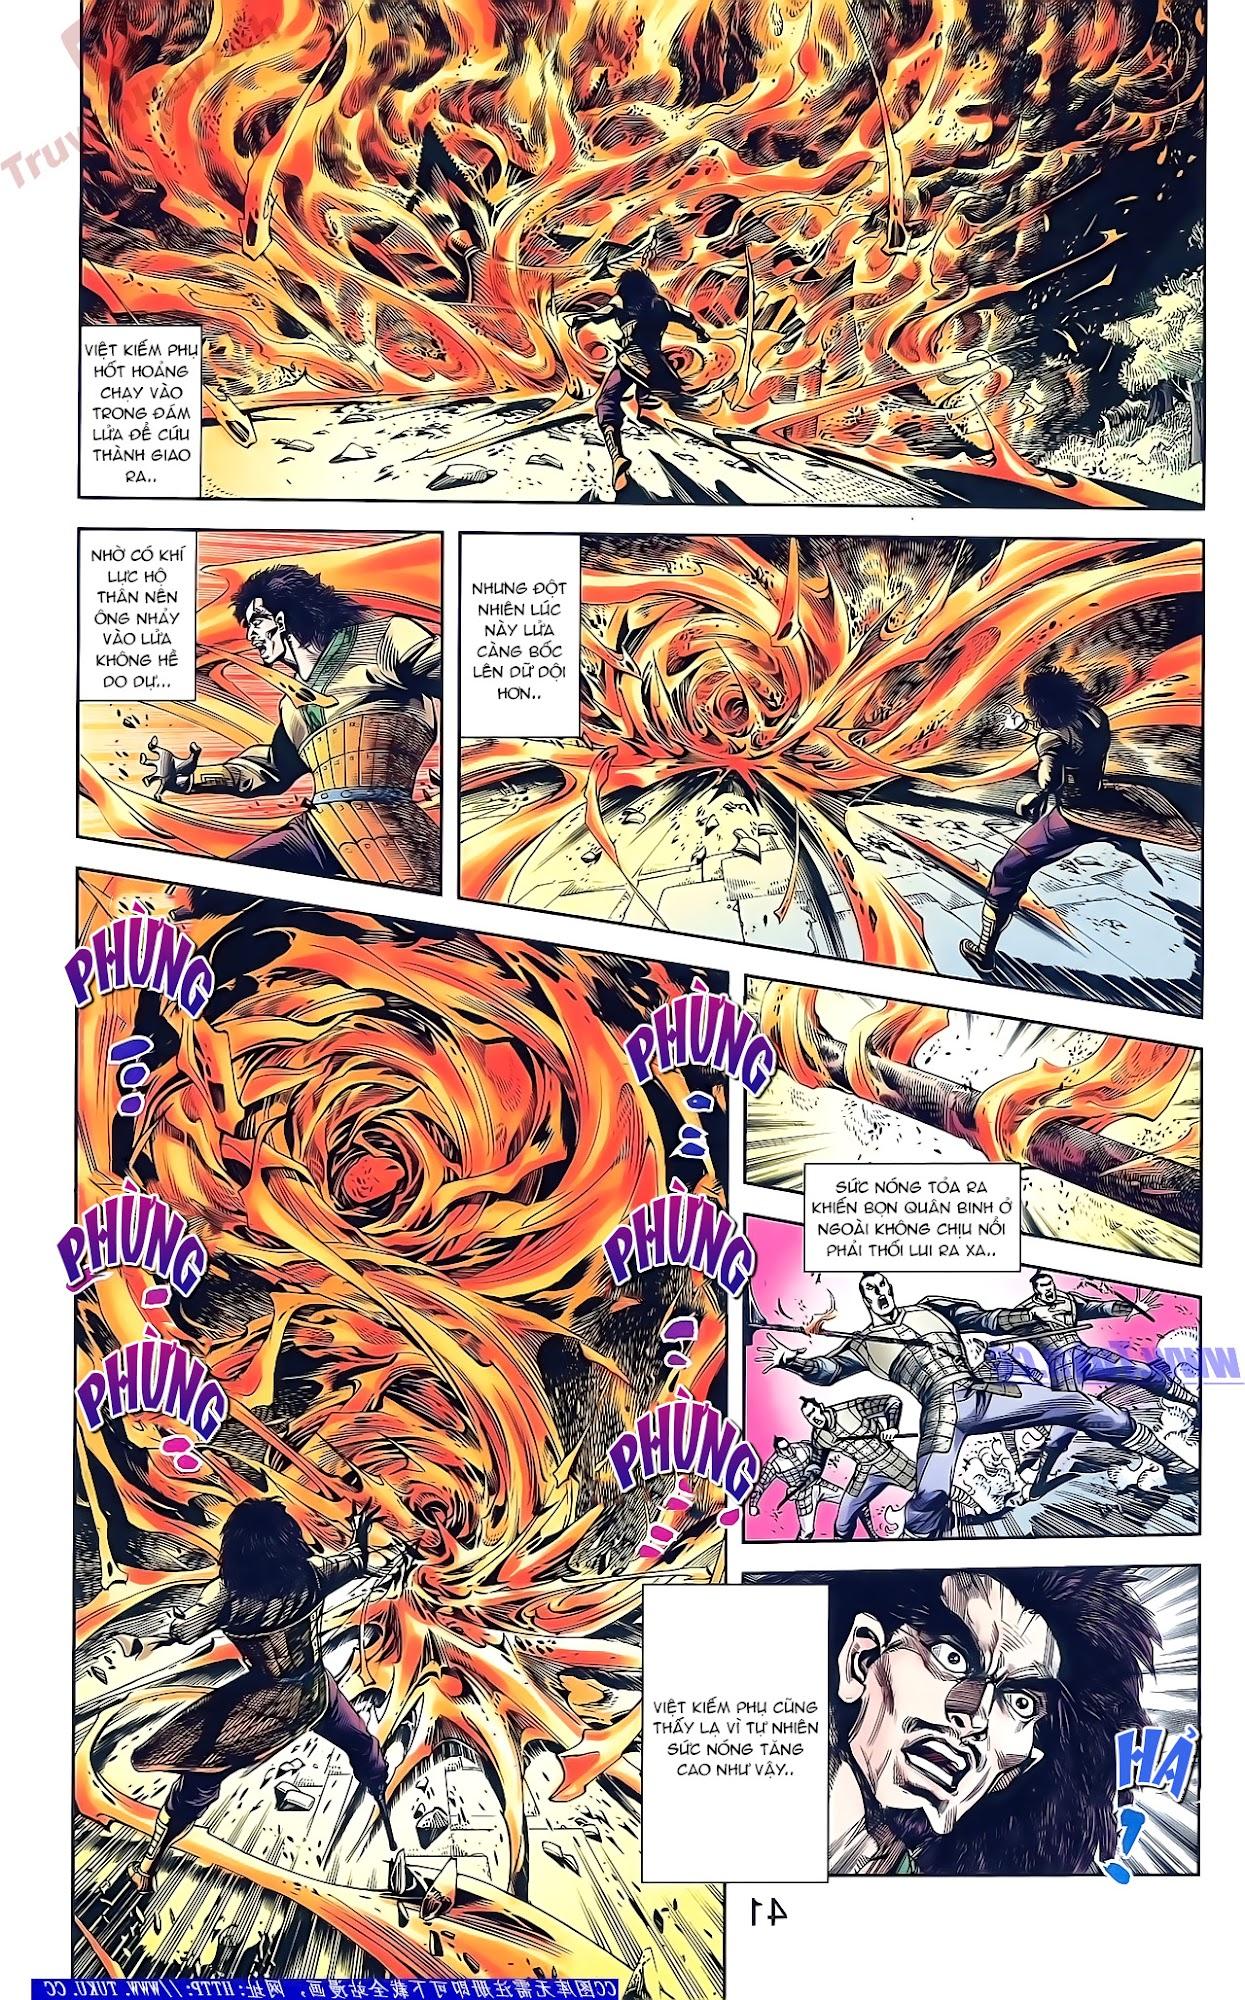 Tần Vương Doanh Chính chapter 51 trang 9